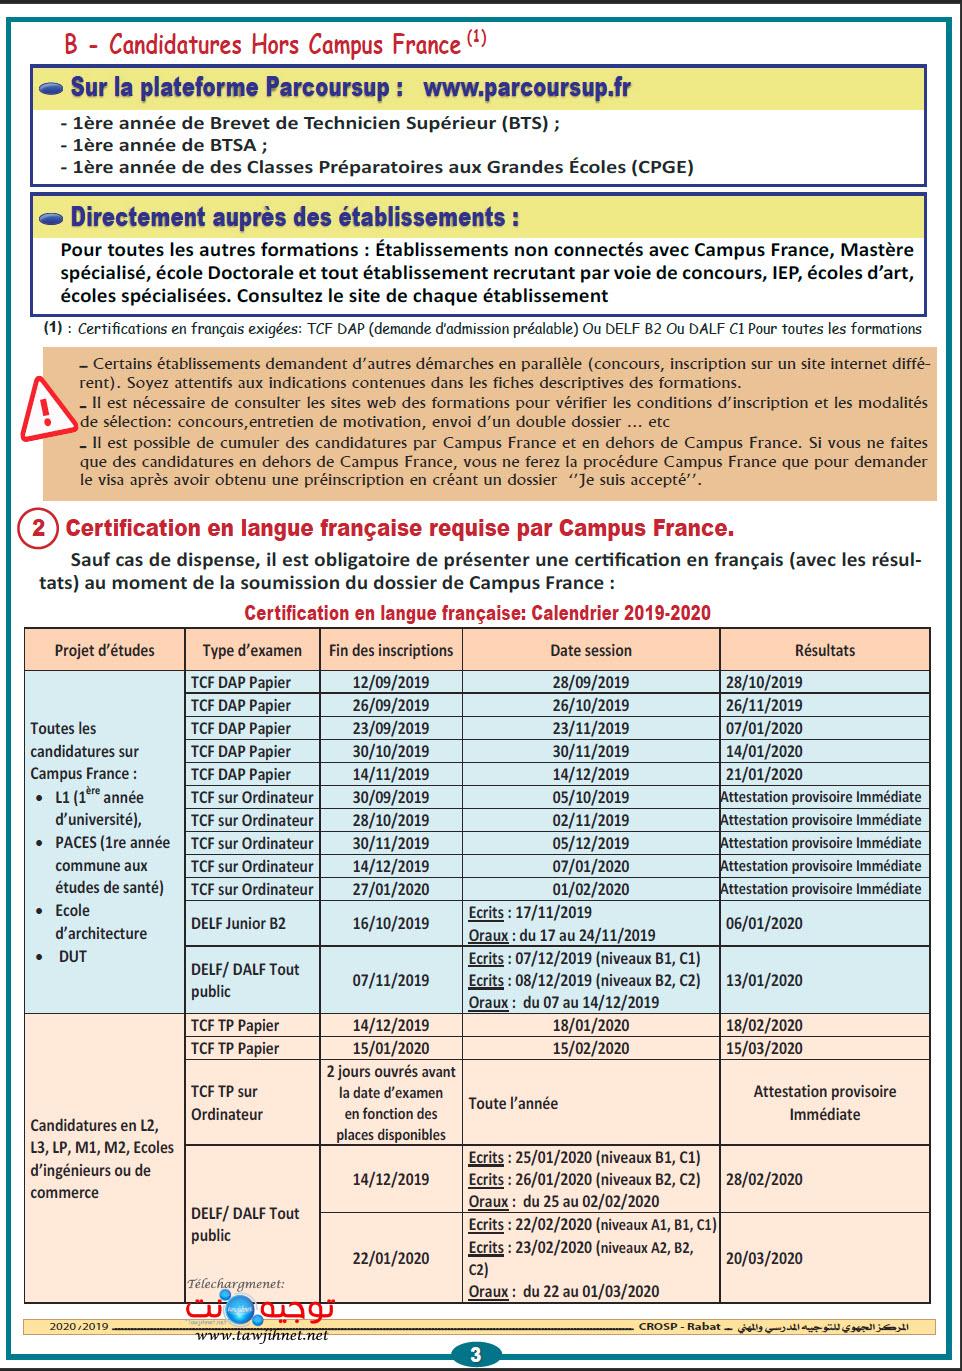 etudies-etranger-2019-2020_Page_3.jpg